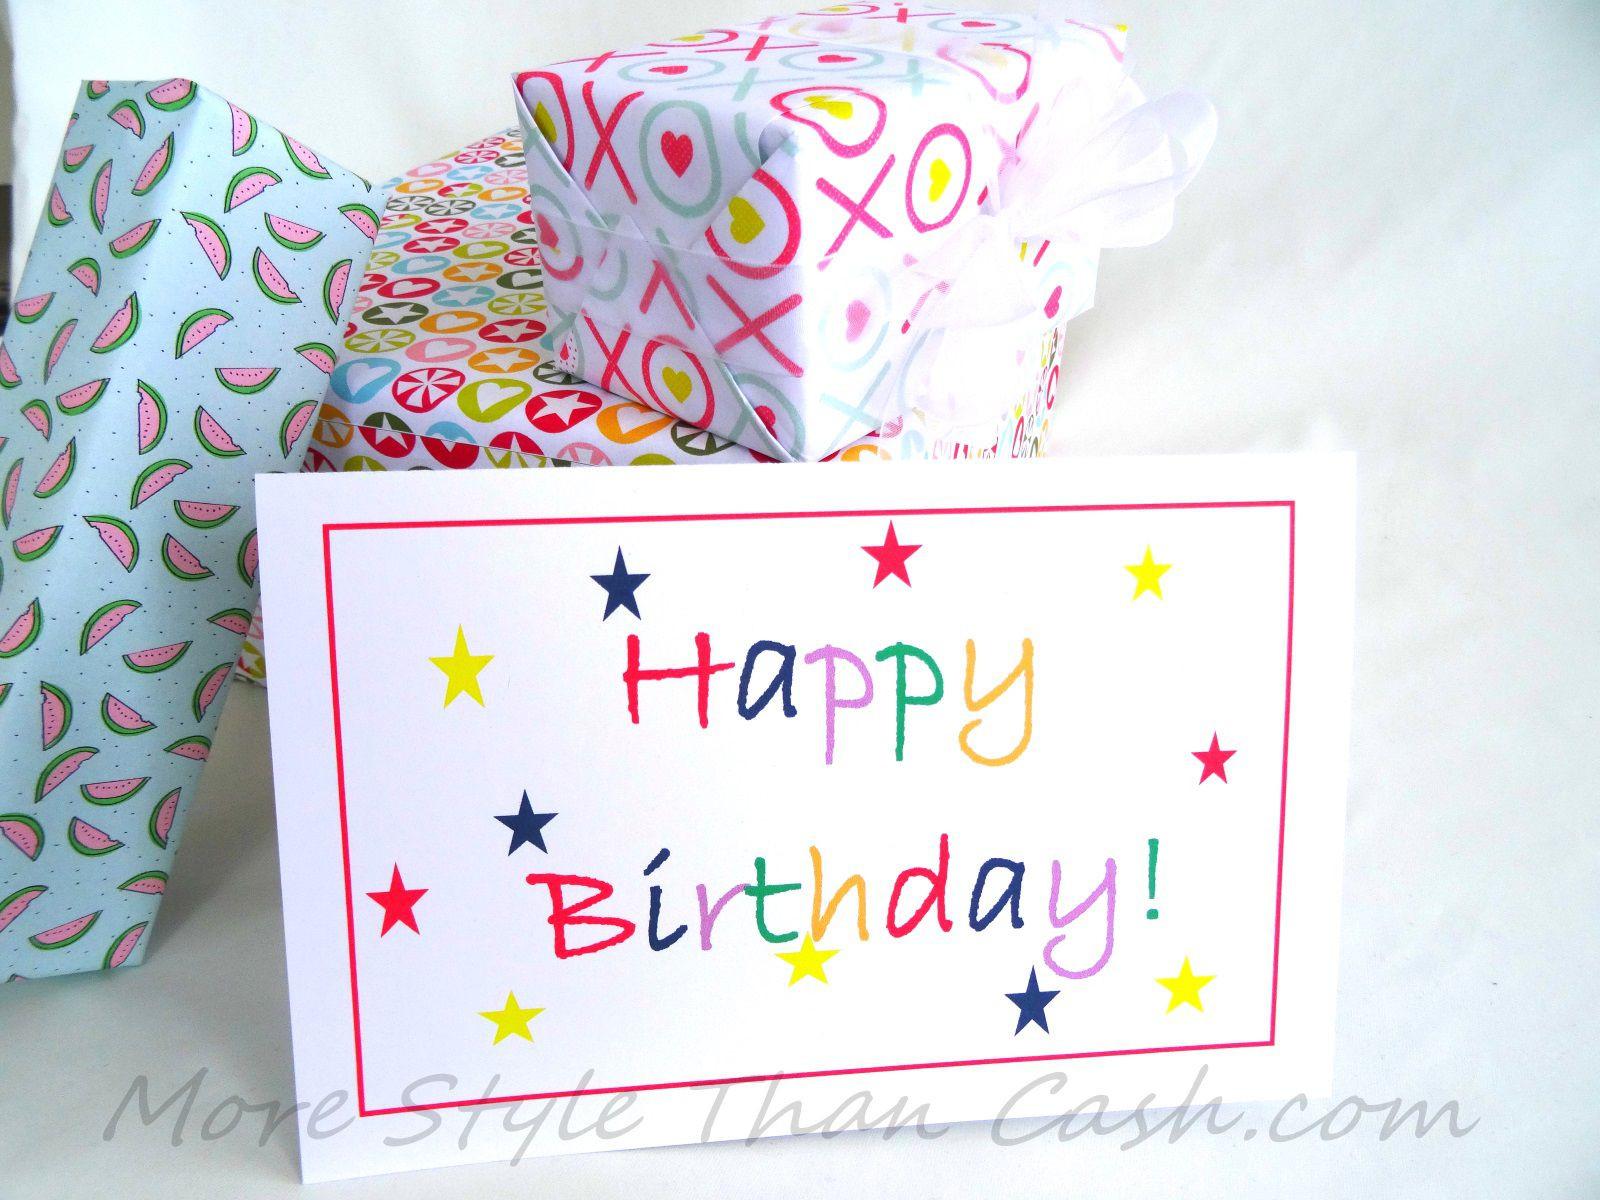 Geburtstagskarten Selber Drucken  Geburtstagskarten Selber Machen Vorlagen Kostenlos